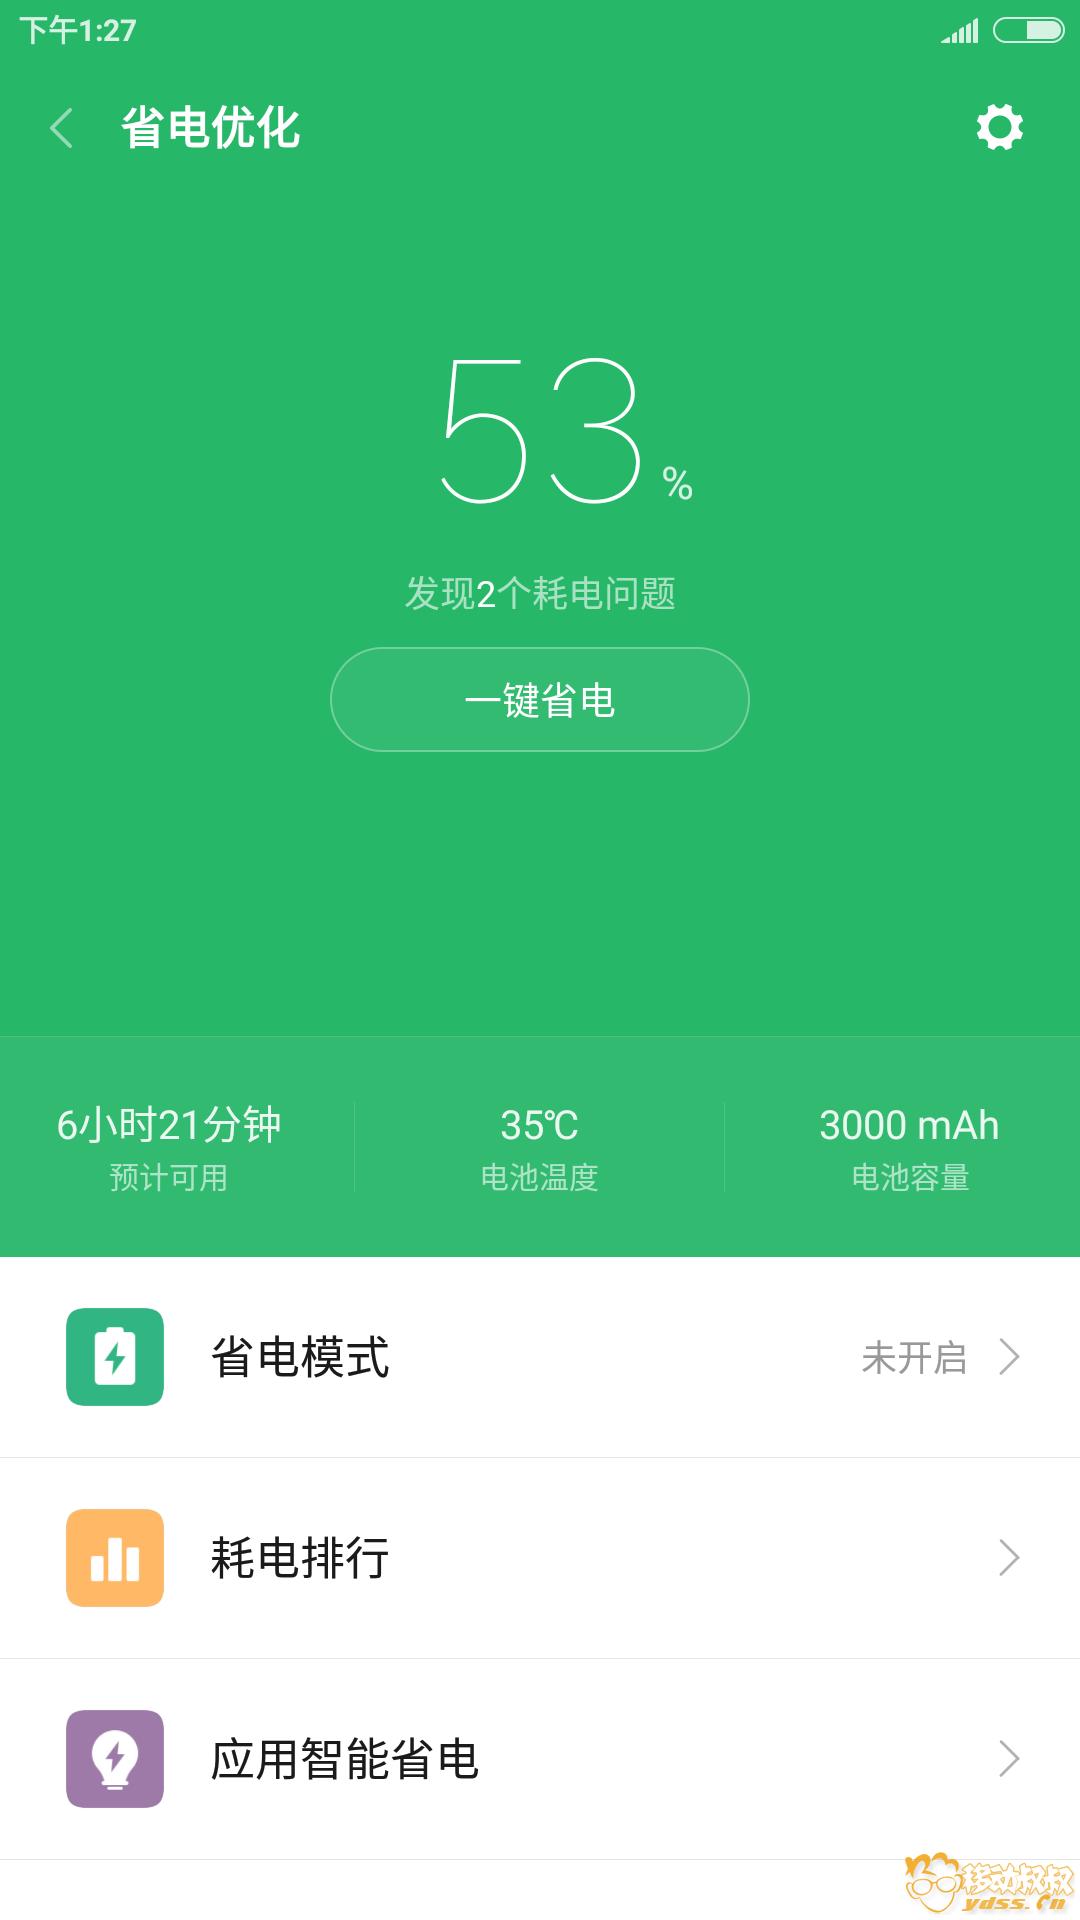 Screenshot_2017-08-12-13-27-15-094_com.miui.securitycenter.png